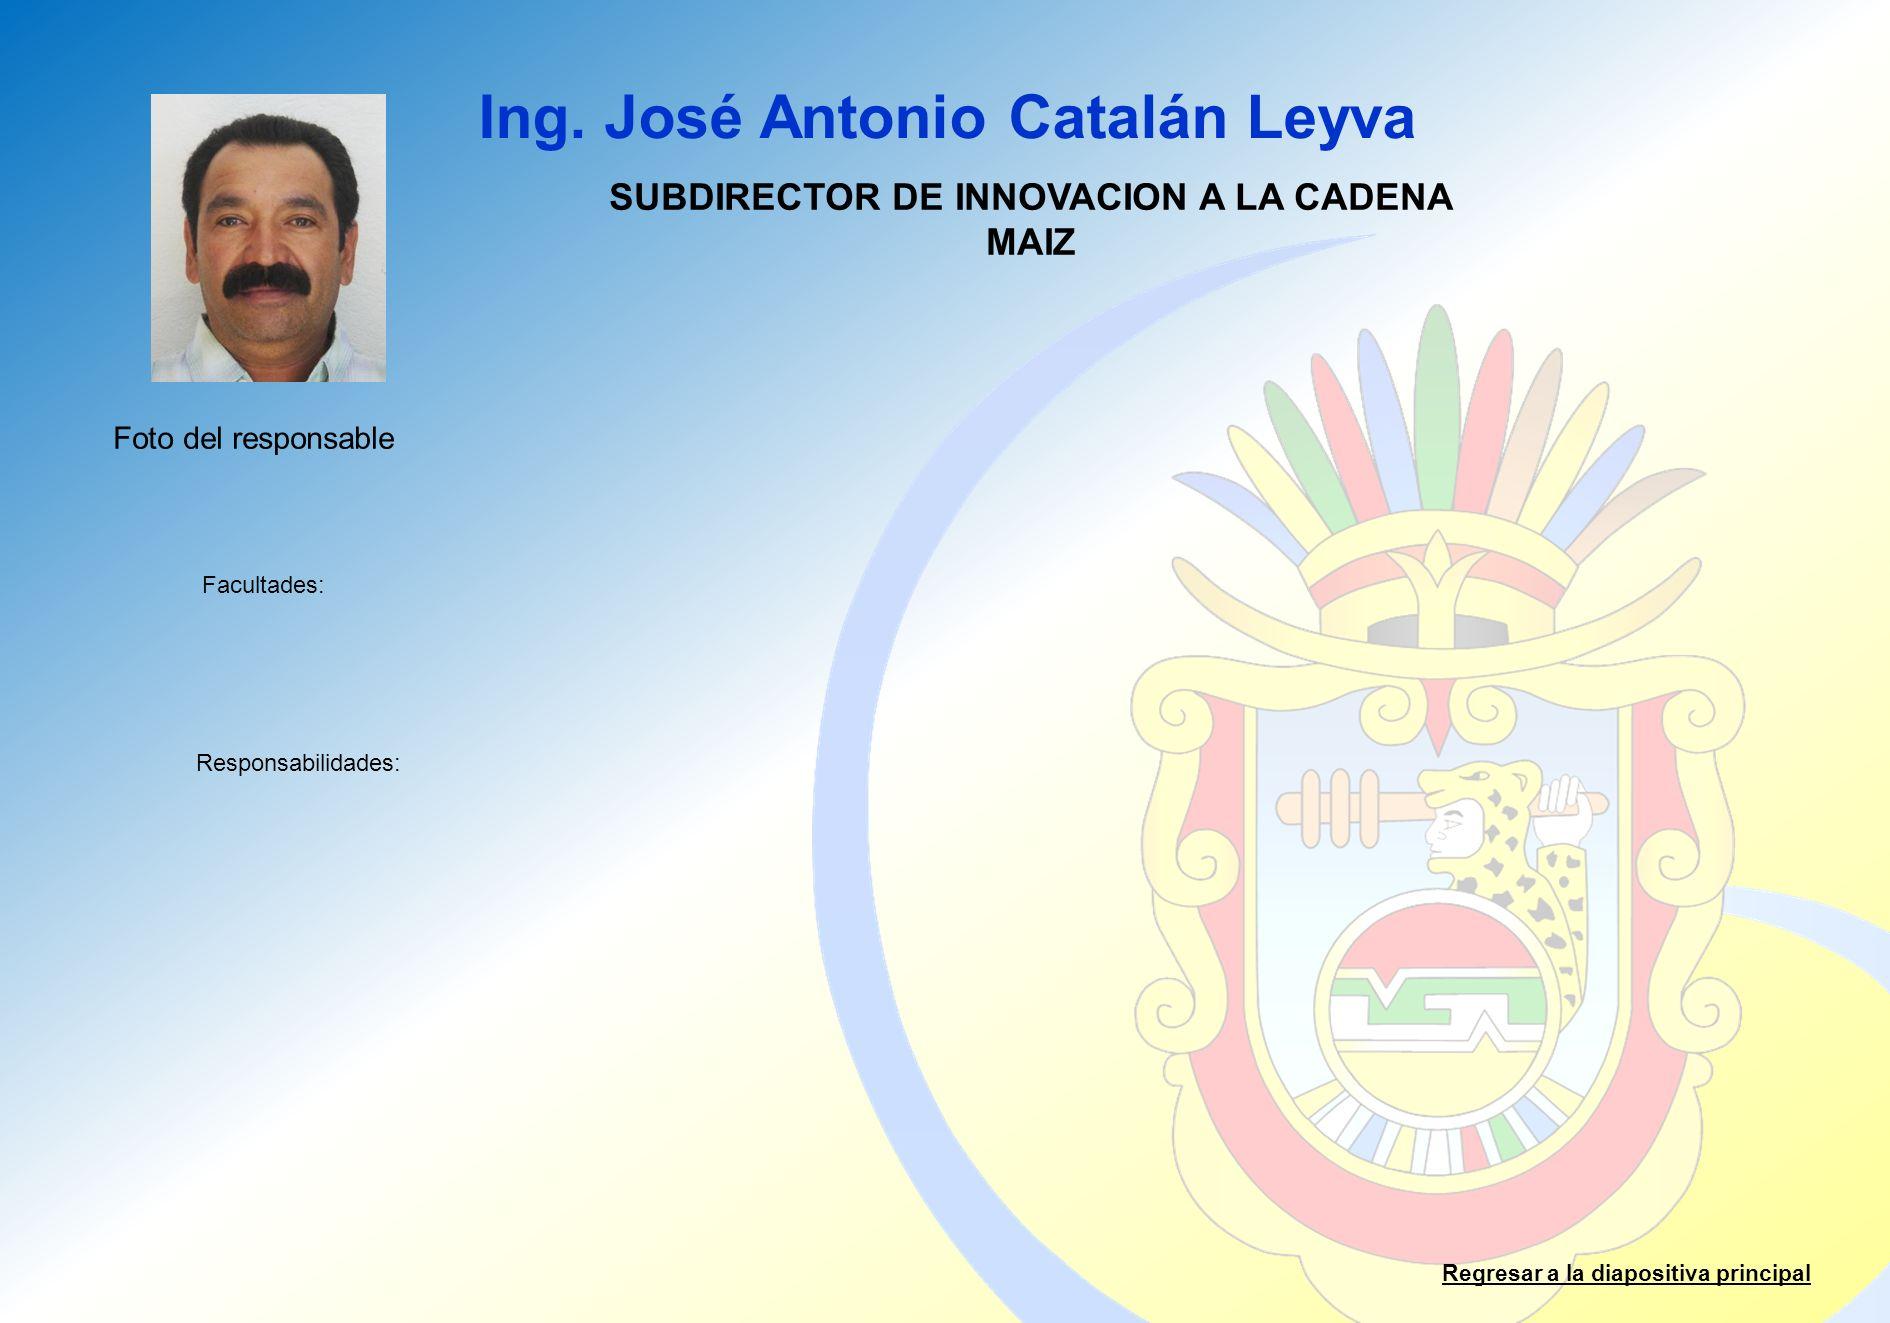 SUBDIRECTOR DE INNOVACION A LA CADENA MAIZ